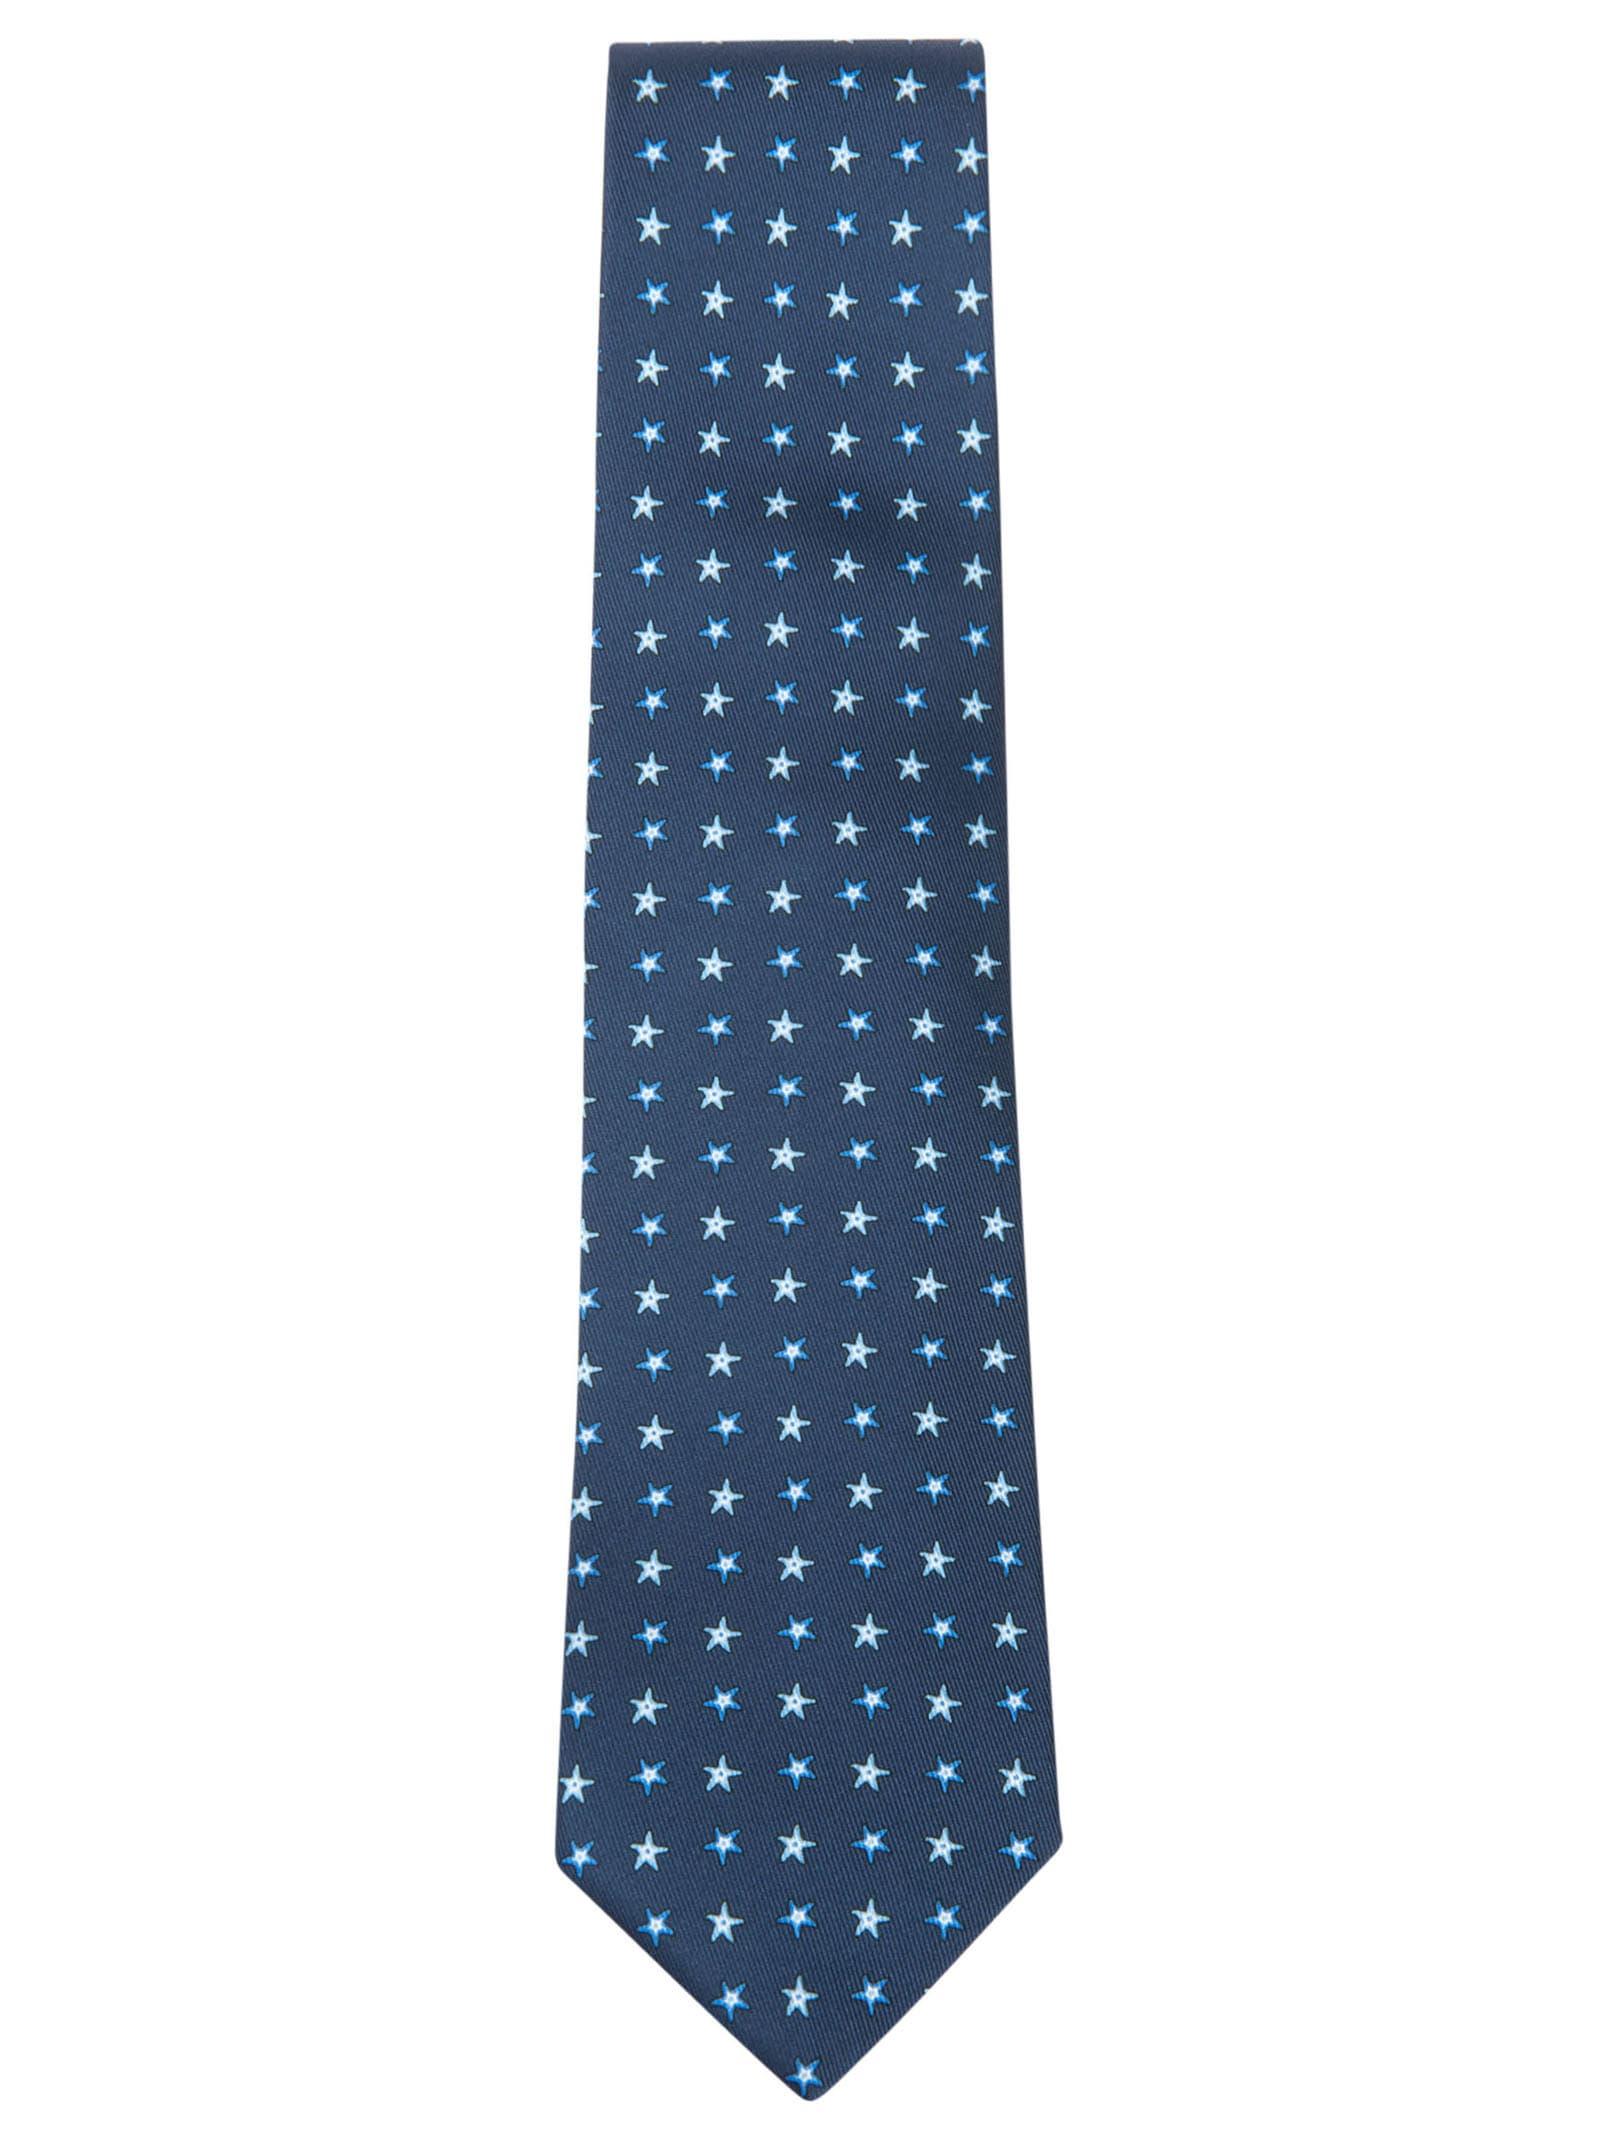 Star Motif Print Neck Tie